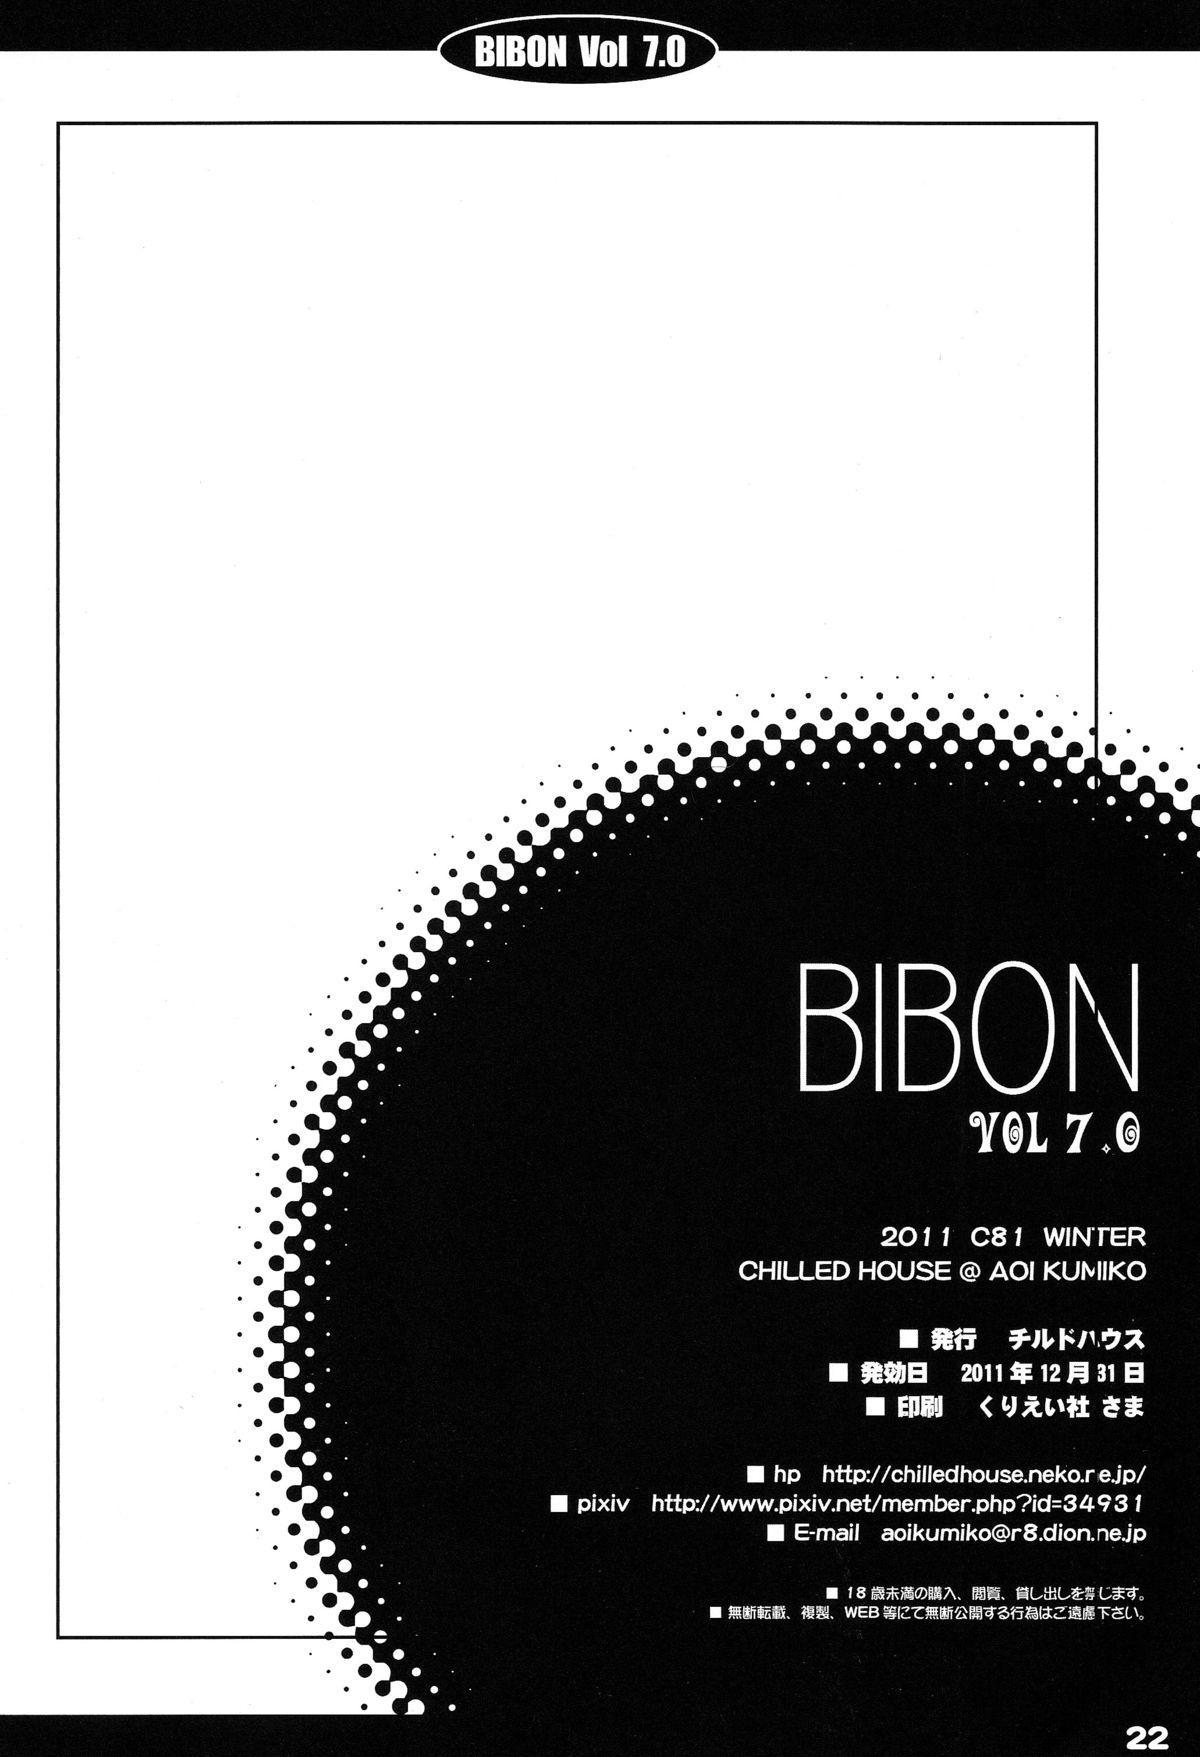 BIBON Vol 7.0 21